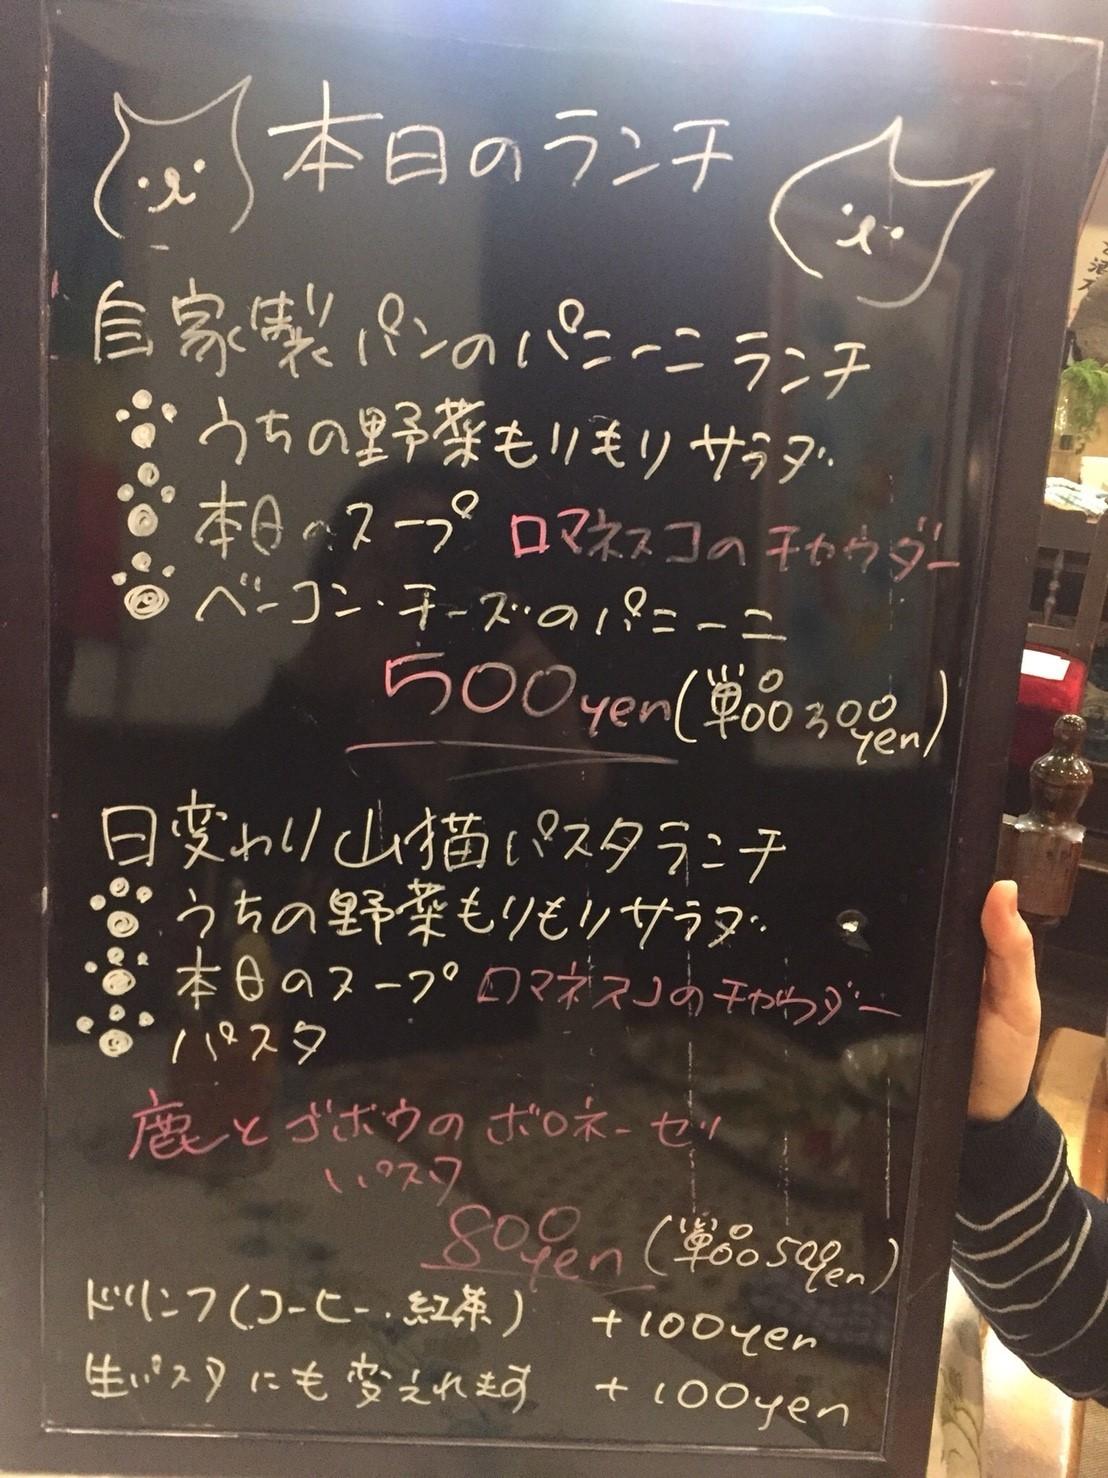 Vineria 農楽ttoria 山猫軒_e0115904_07253610.jpg